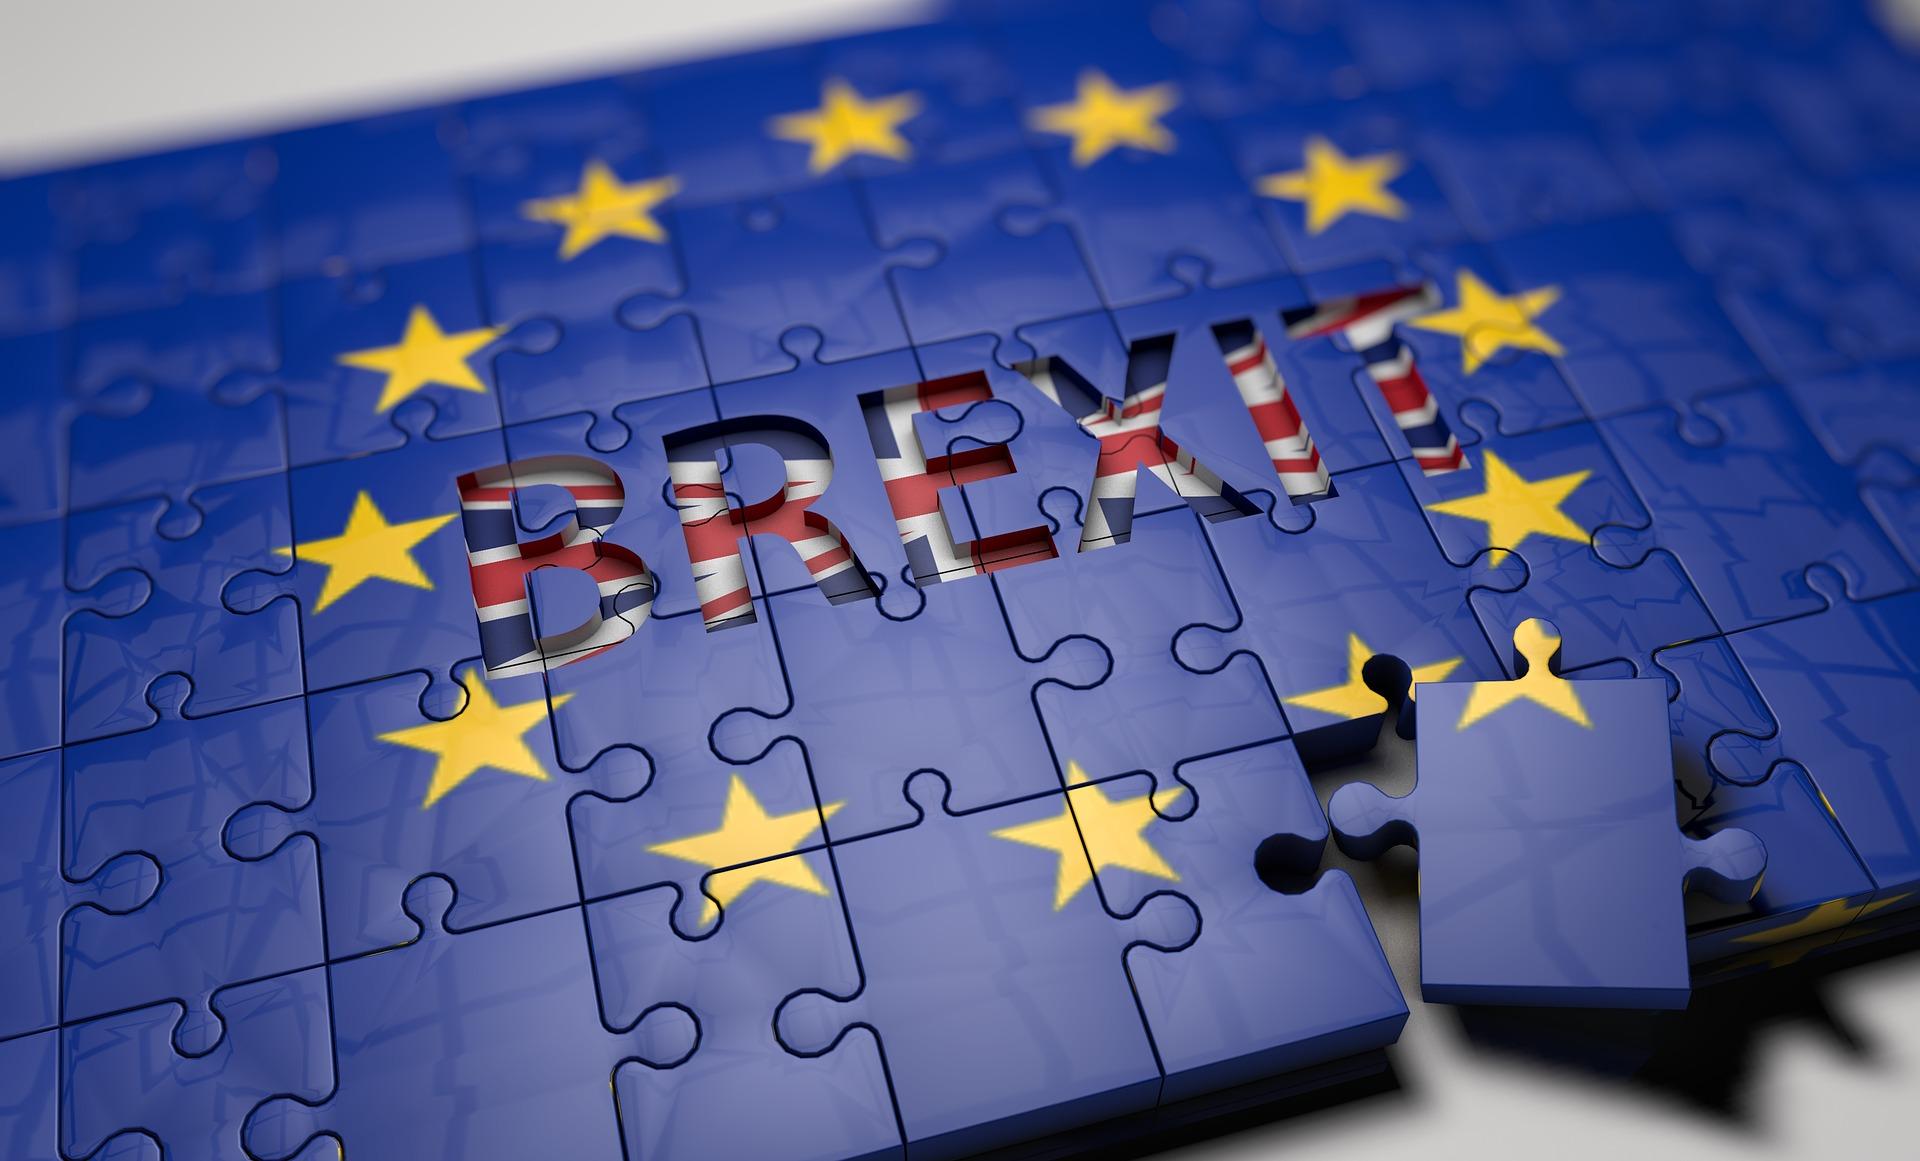 ESMA: Firmy inwestycyjne muszą informować klientów o potencjalnych skutkach Brexitu